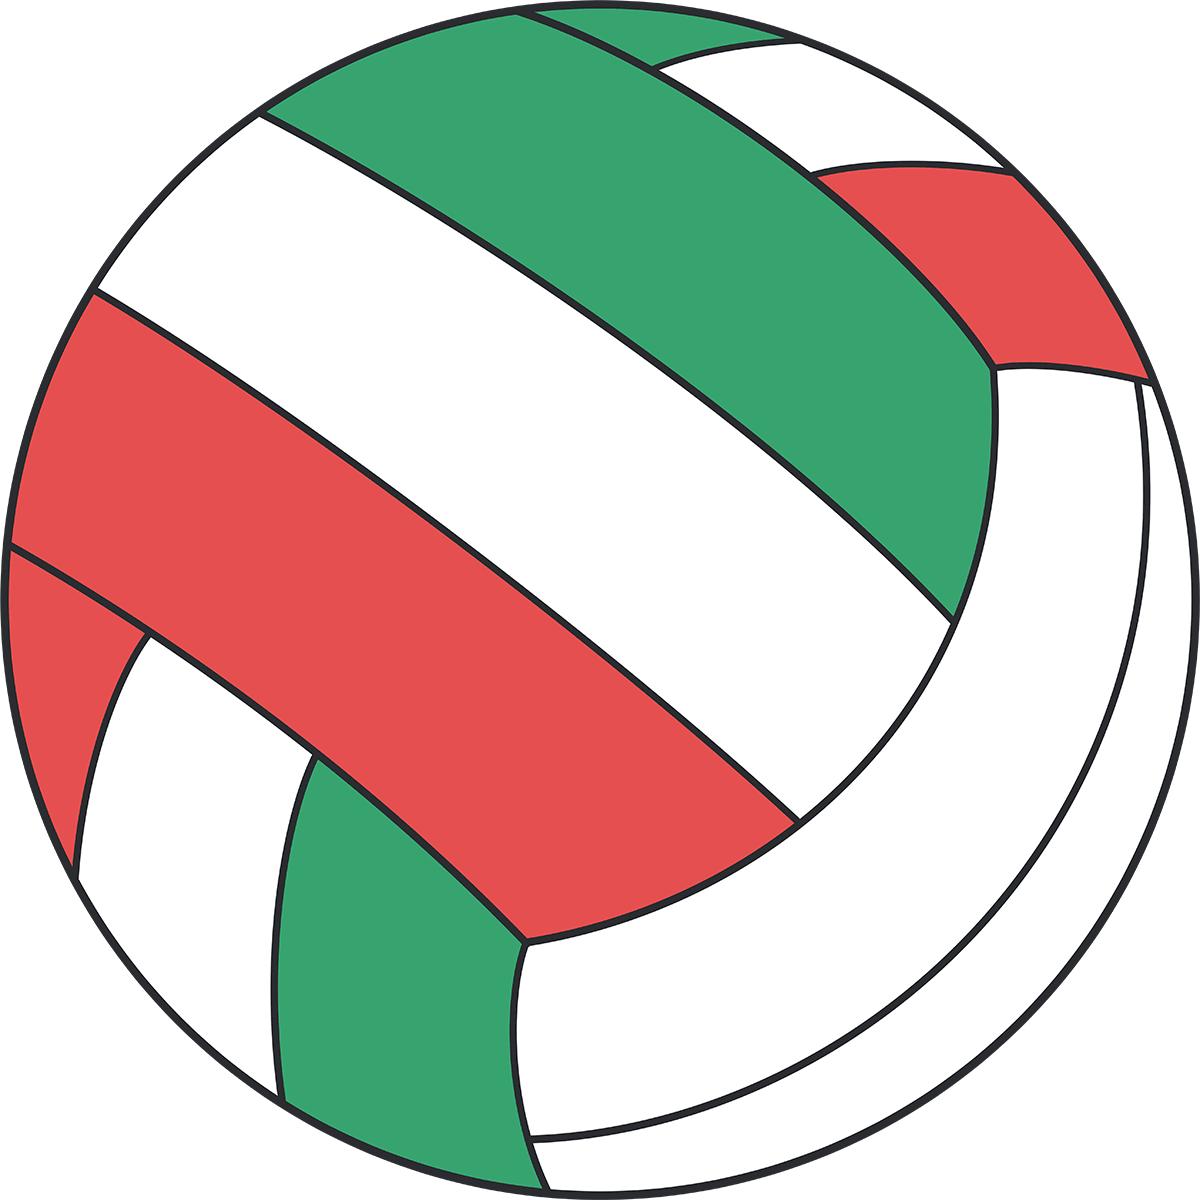 カラフルなバレーボールの無料イラスト